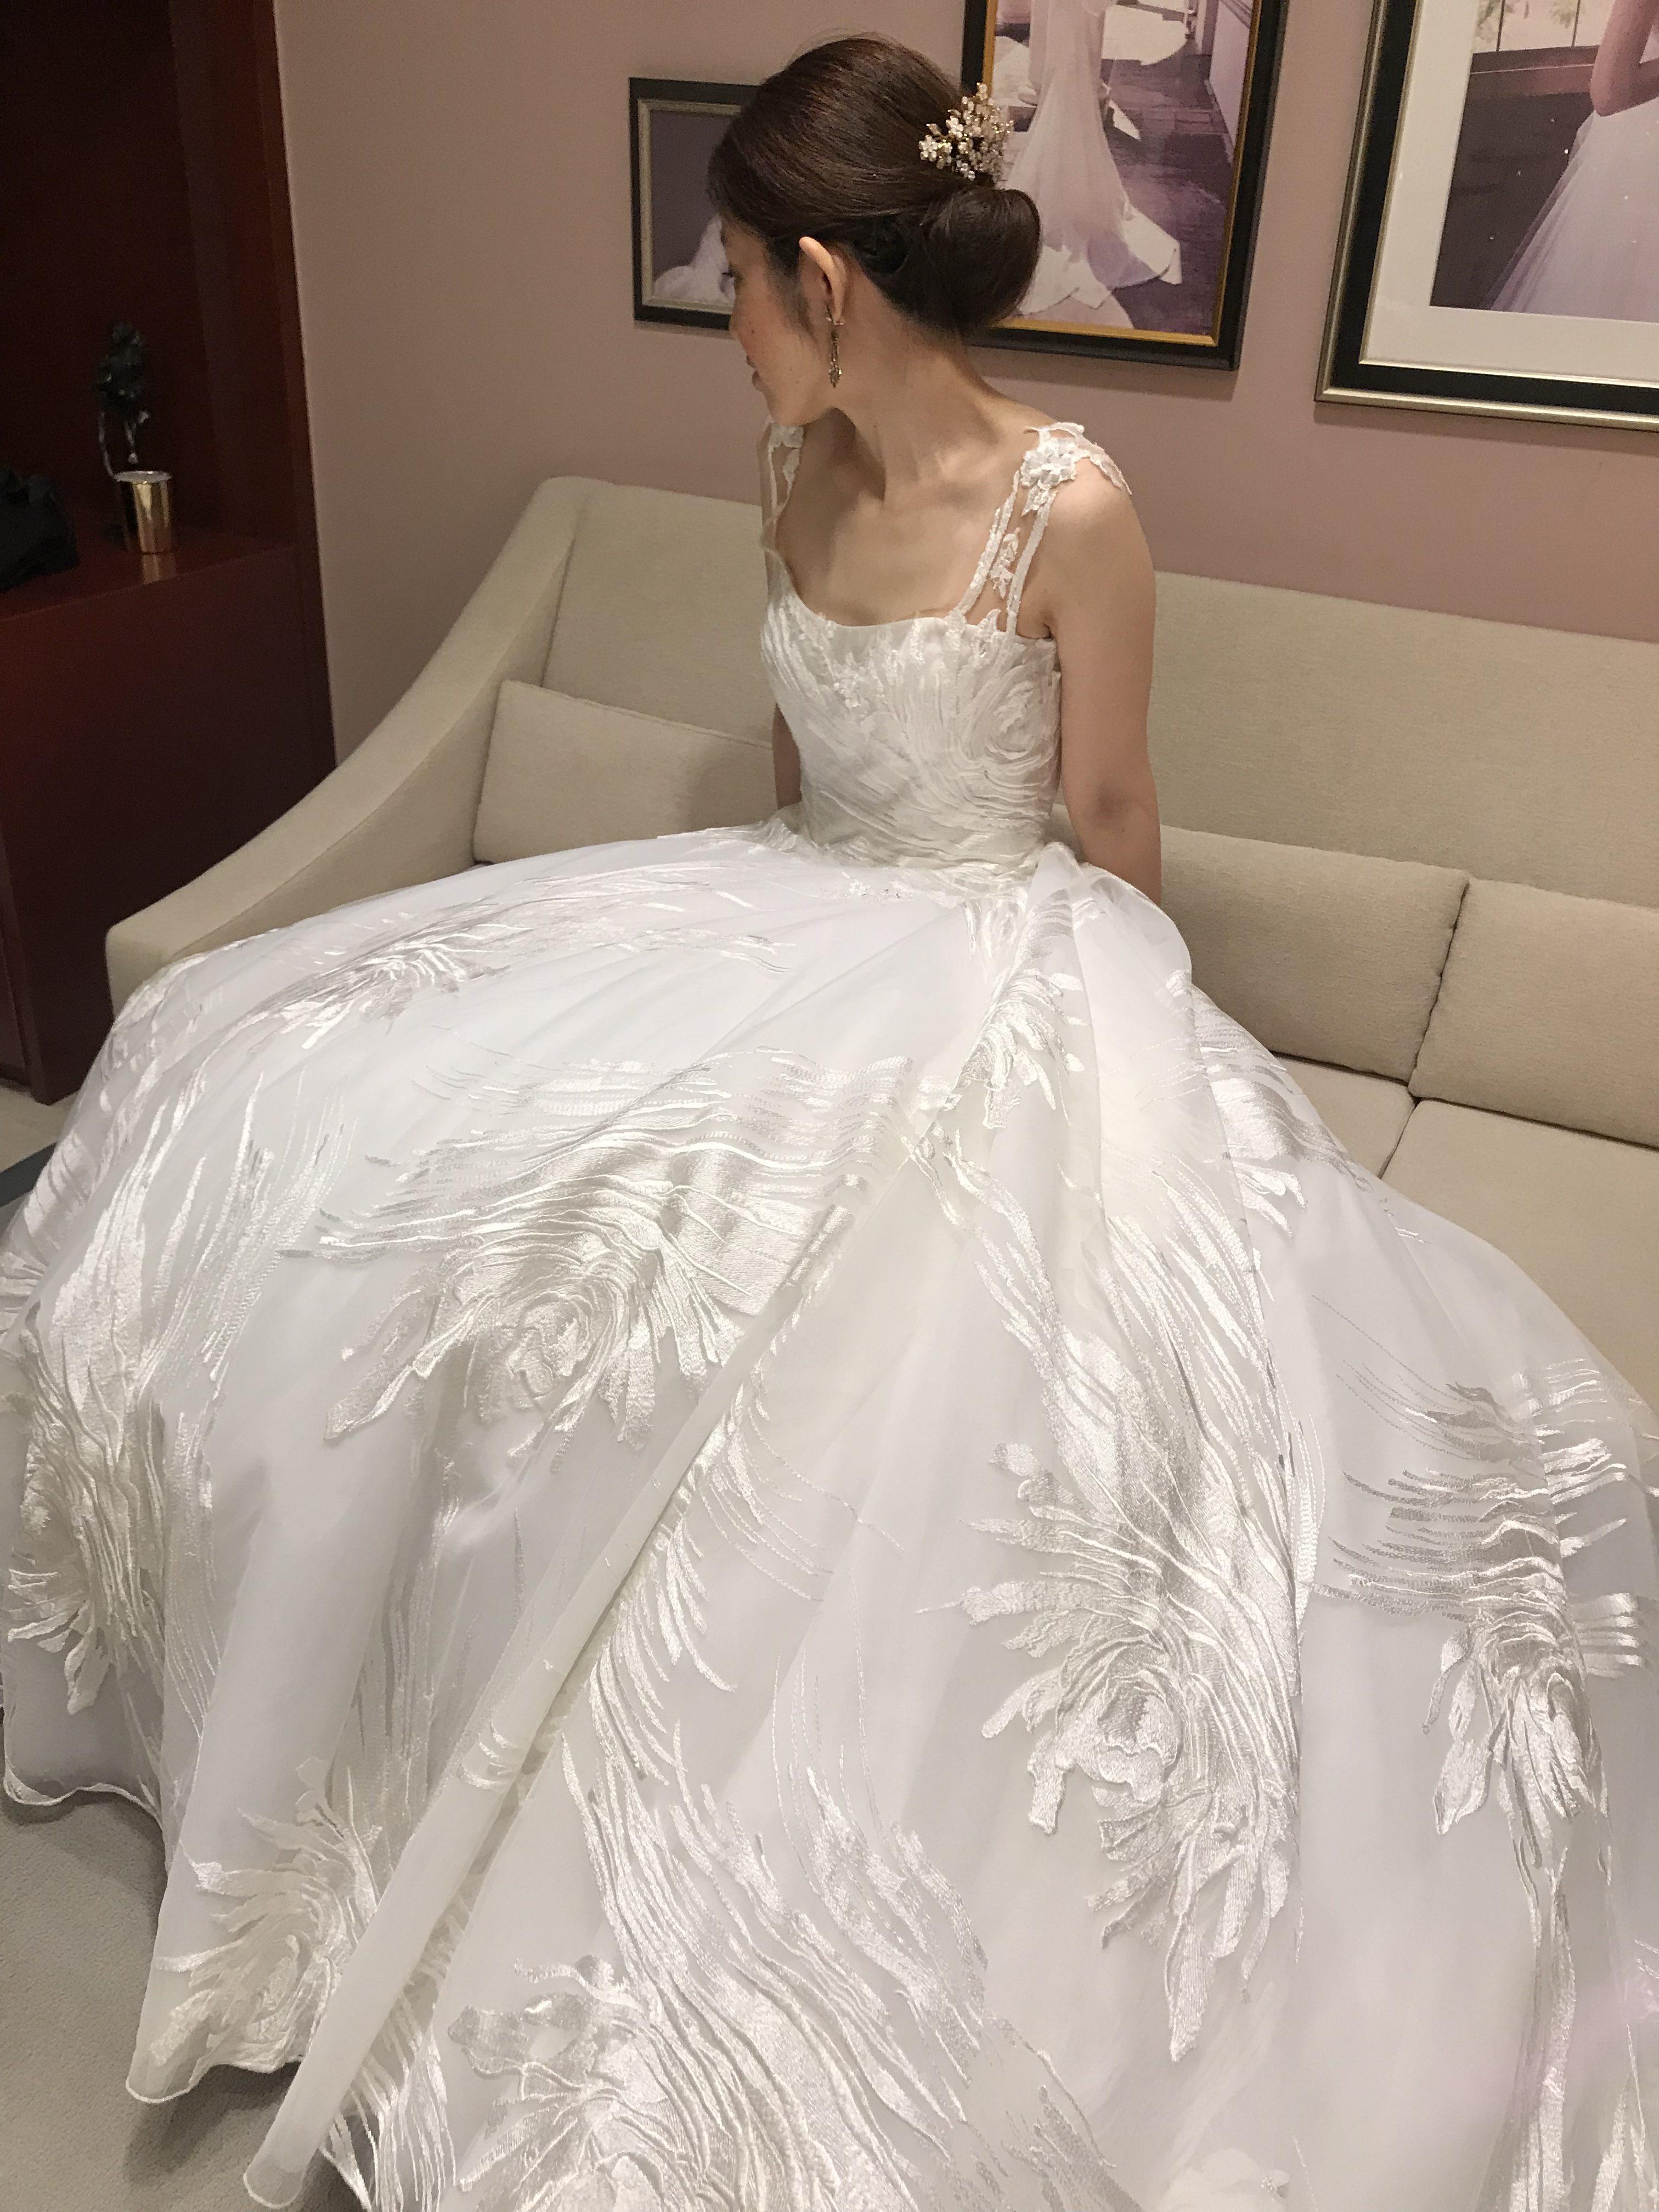 個性を出したい!花嫁様へのおすすめドレス-INES DI SANTO-【JR九州ステーションホテル小倉店】